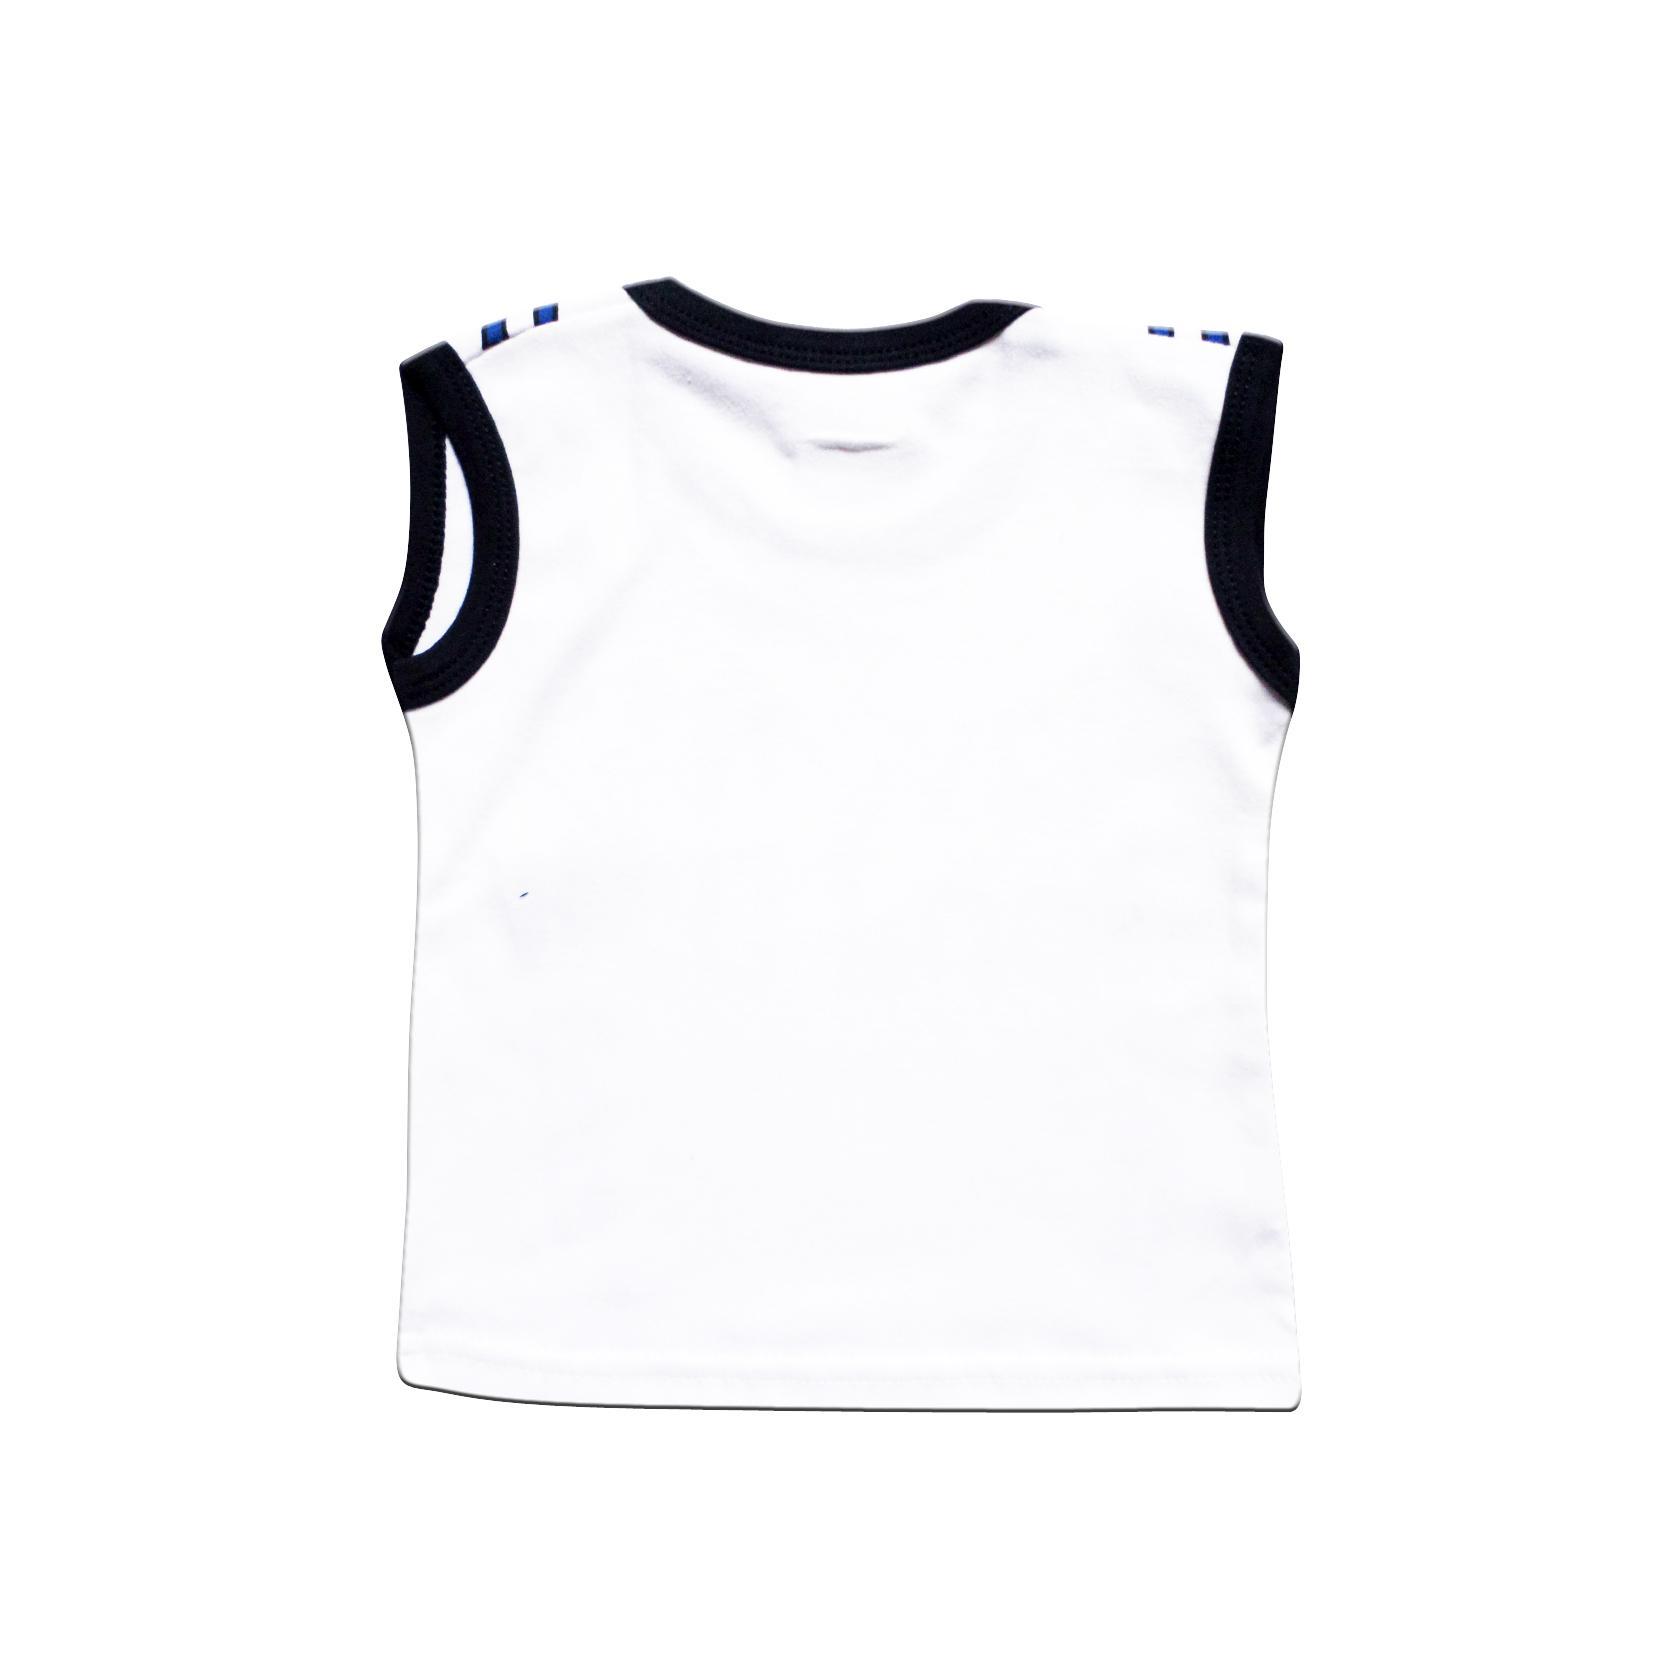 Skabe Baby Putih Baju Singlet Anak Bayi Laki Laki Setelan Kaos 2831 -